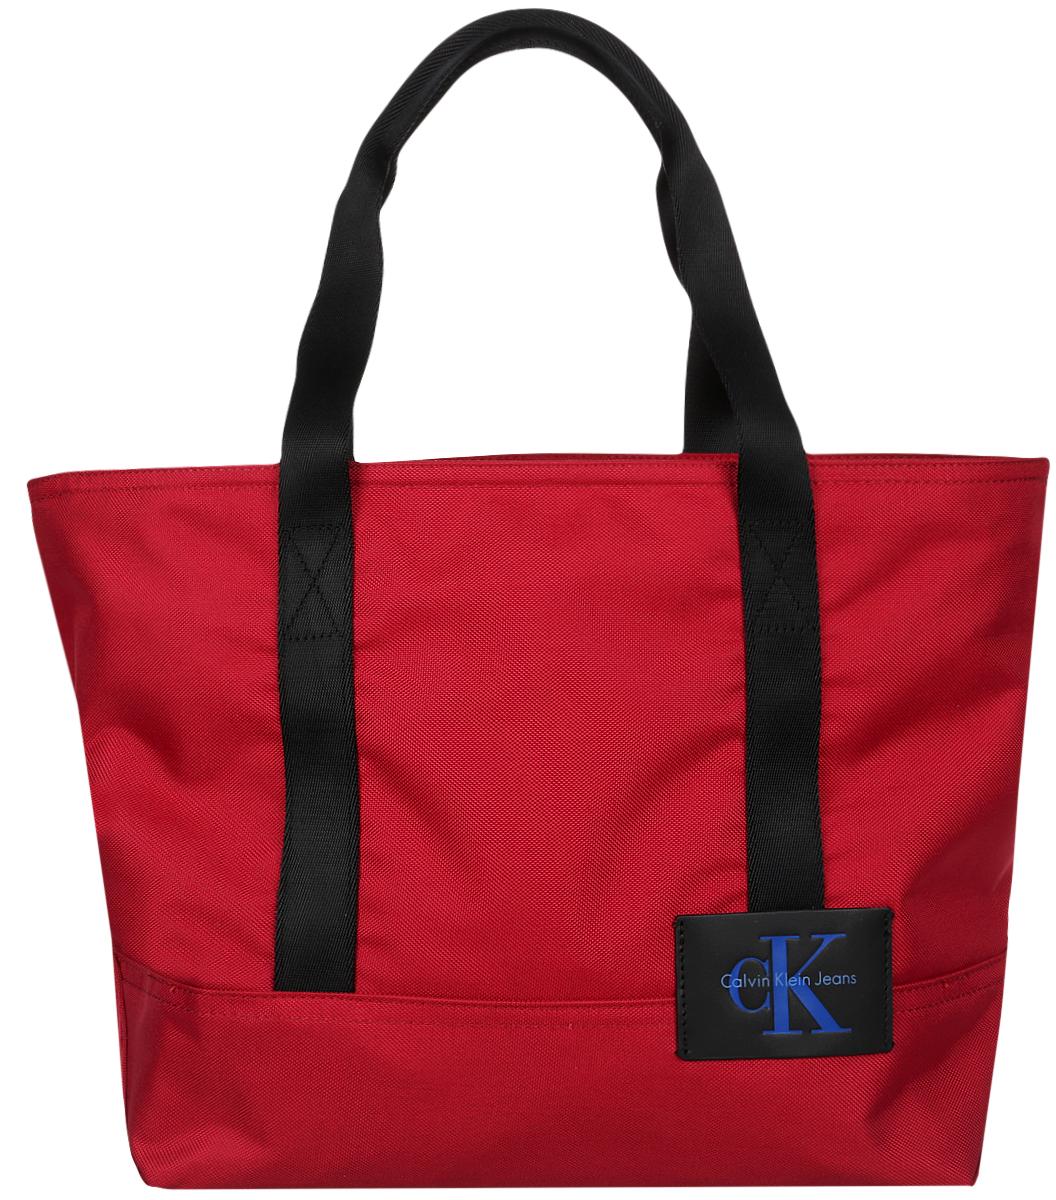 Сумка мужская Calvin Klein Jeans, цвет: красный, черный. K40K400042/624 куртка мужская calvin klein jeans цвет черный j30j305565 0990 размер m 44 46